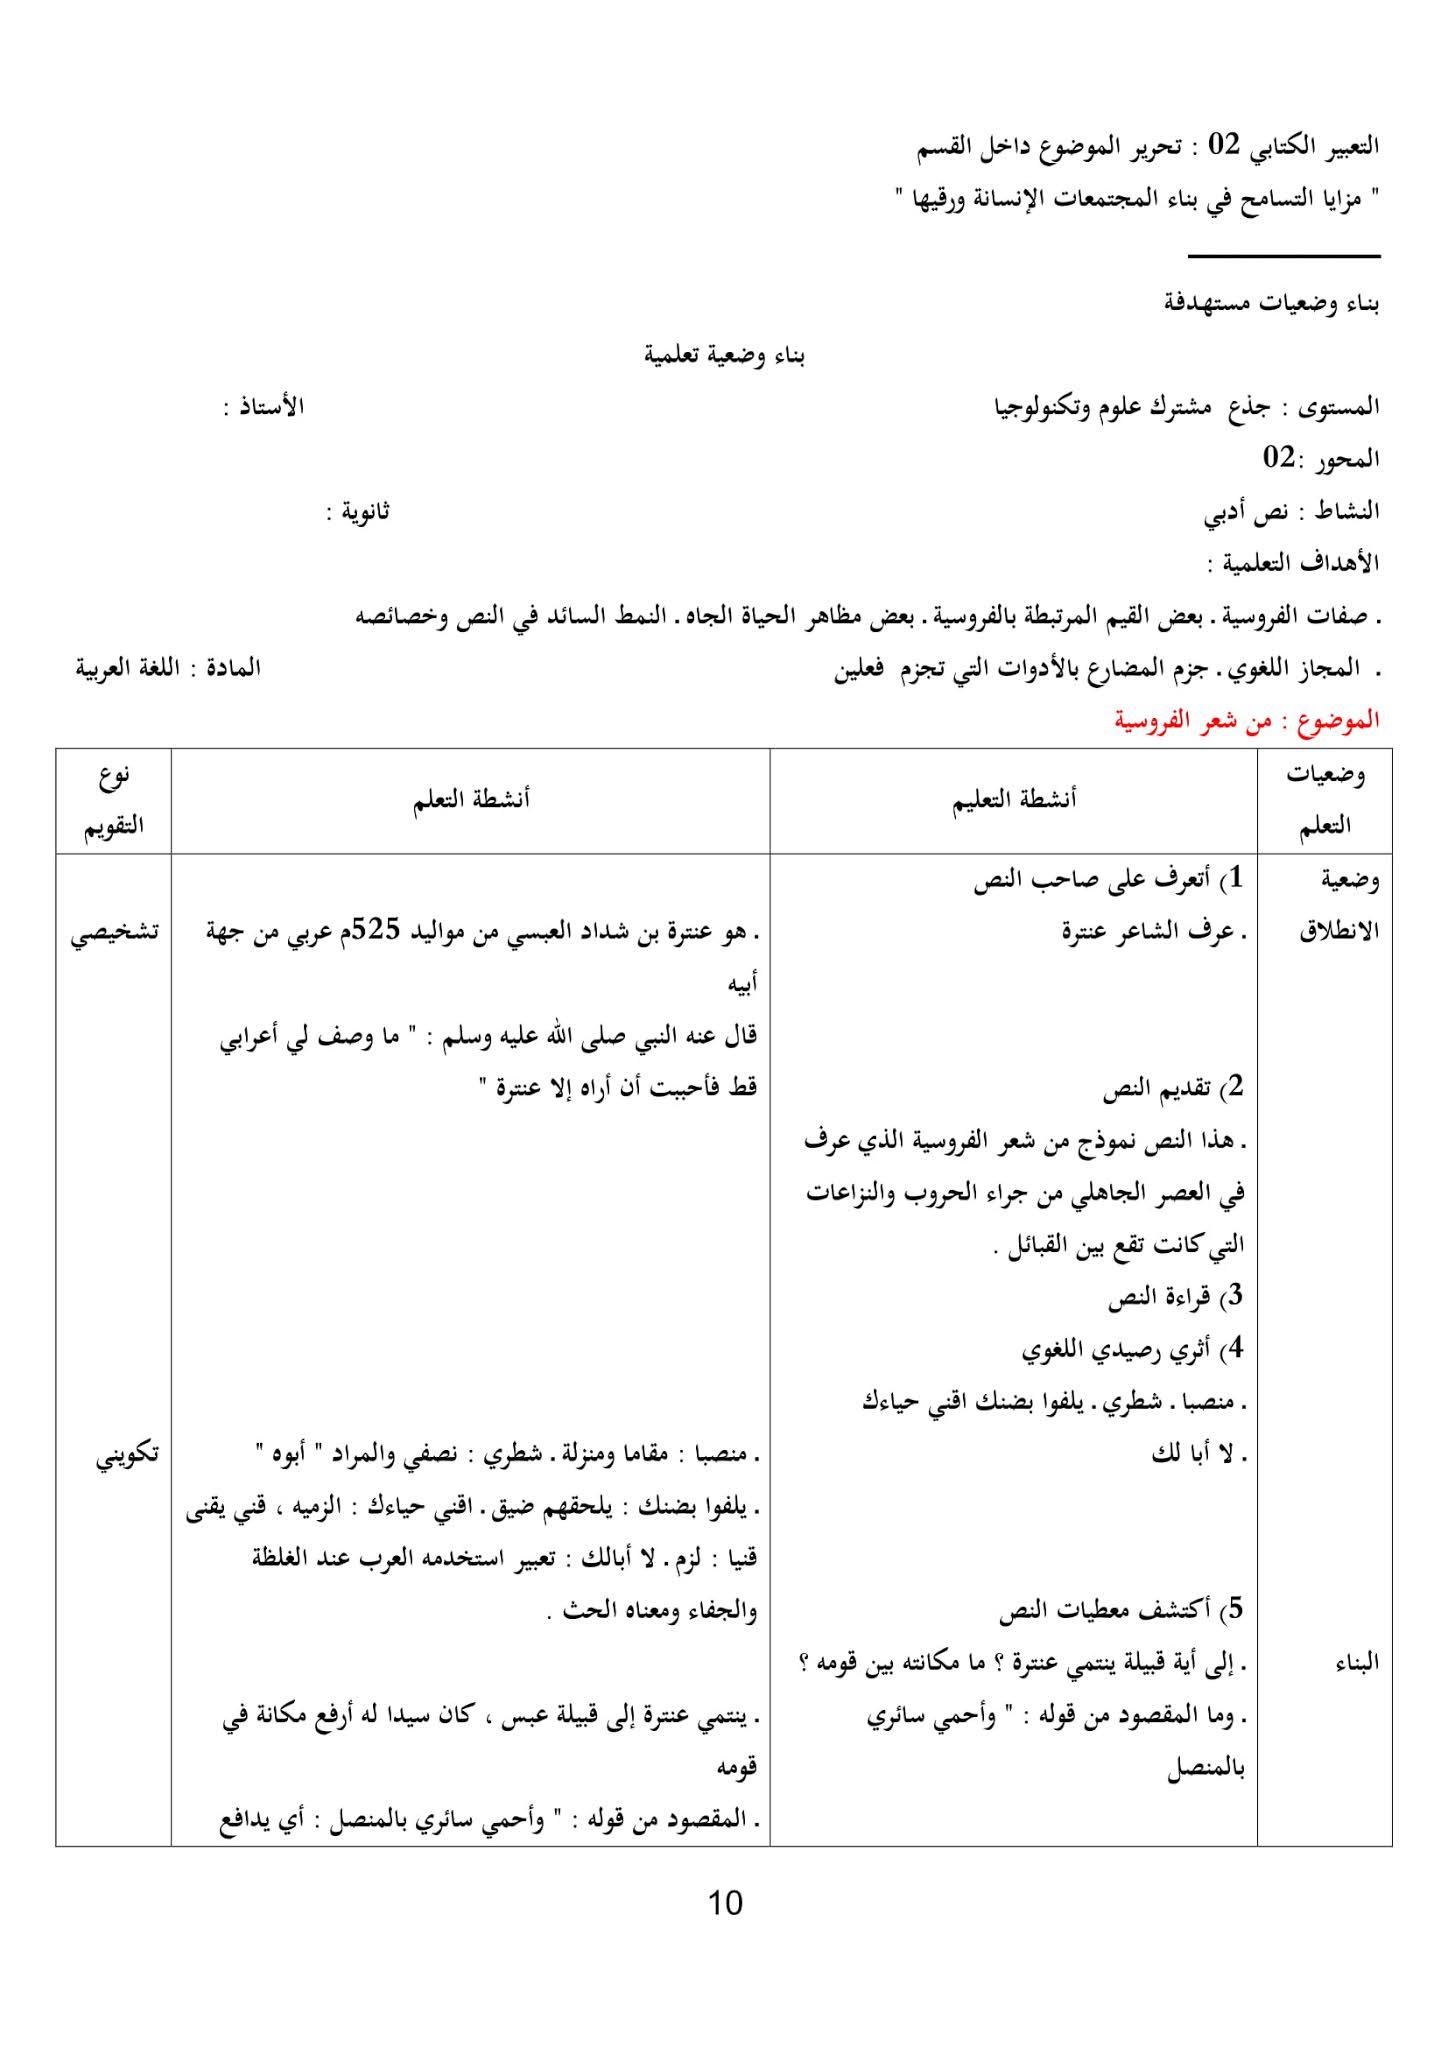 تحضير نص من شعر الفروسية 1 ثانوي علمي | موقع التعليم الجزائري - Dzetude